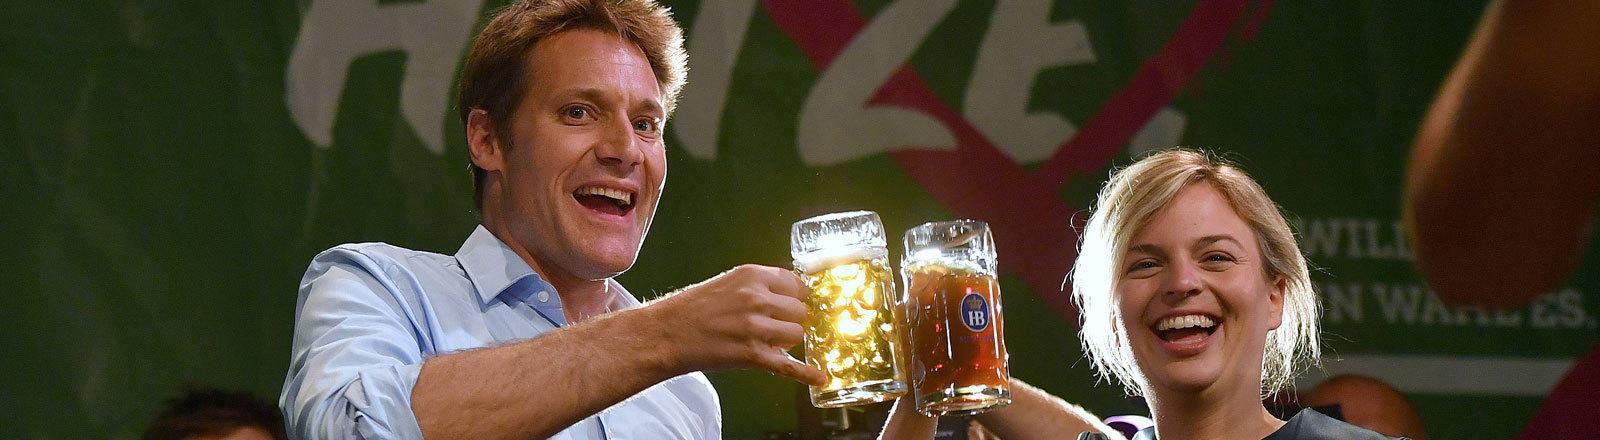 Ludwig Hartmann und Katharina Schulze stoßen nach dem guten Abschneiden bei der Landtagswahl in Bayern 2018 mit Weißbier an